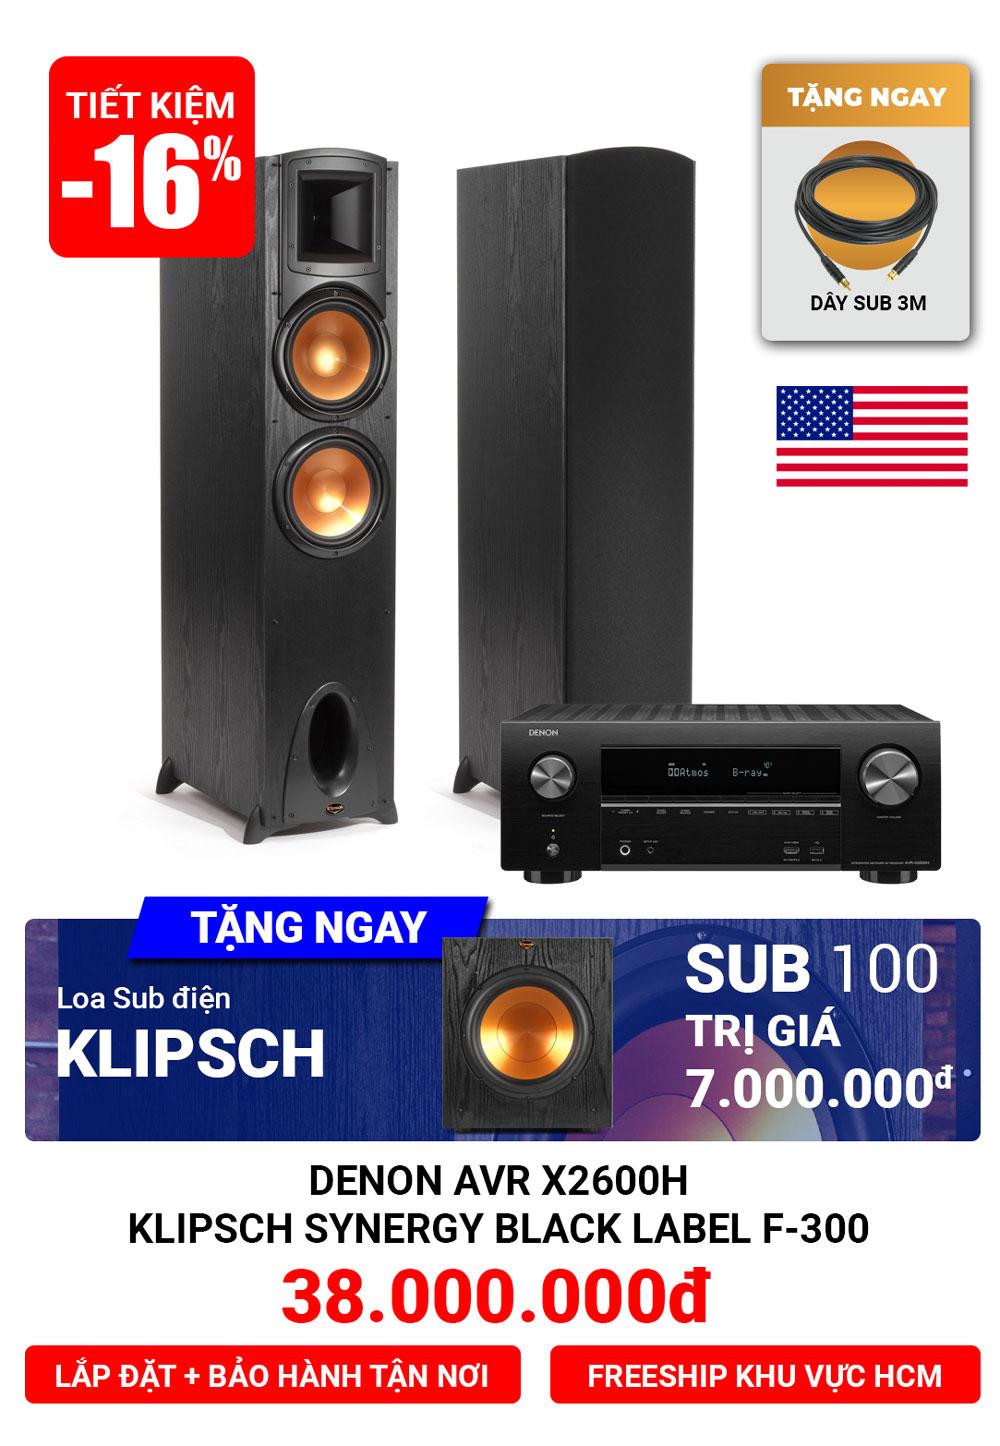 Sale thả ga - Quà cực đã khi mua dàn âm thanh tại SAIGON HD - 4